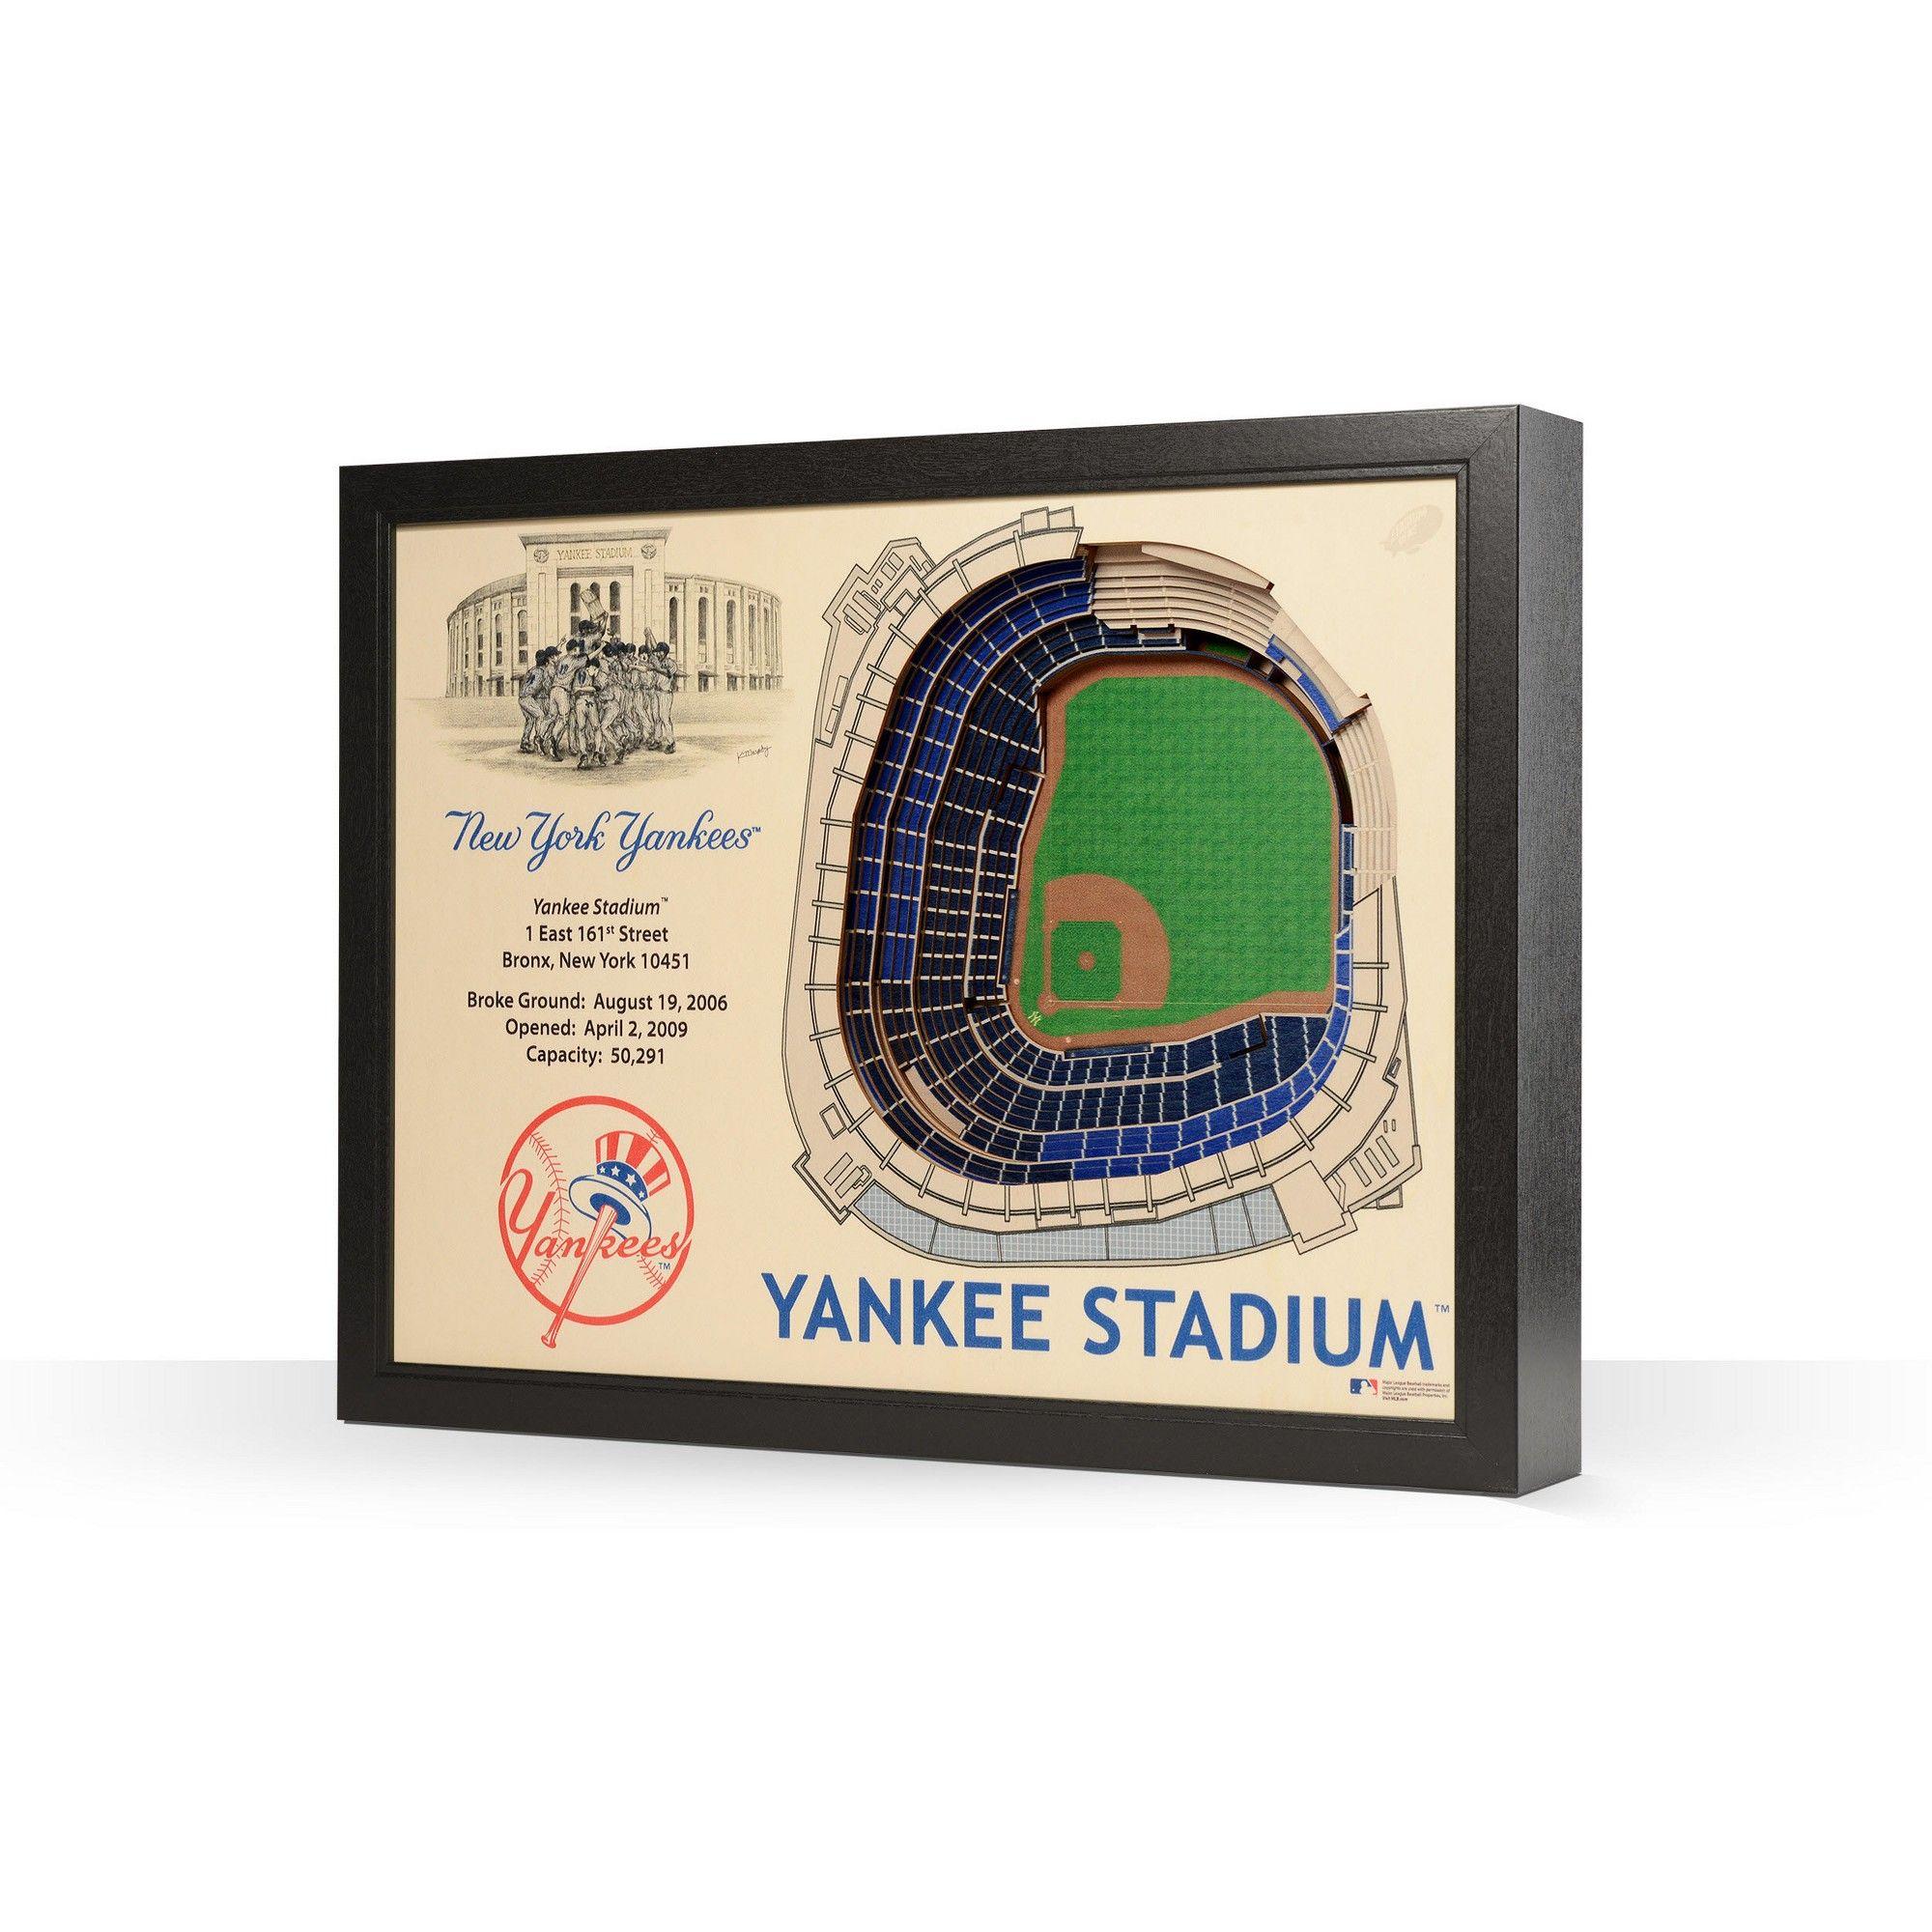 Mlb New York Yankees Stadium Views Wall Art Yankee Stadium Wooden Wall Art New York Yankees New York Yankees Stadium